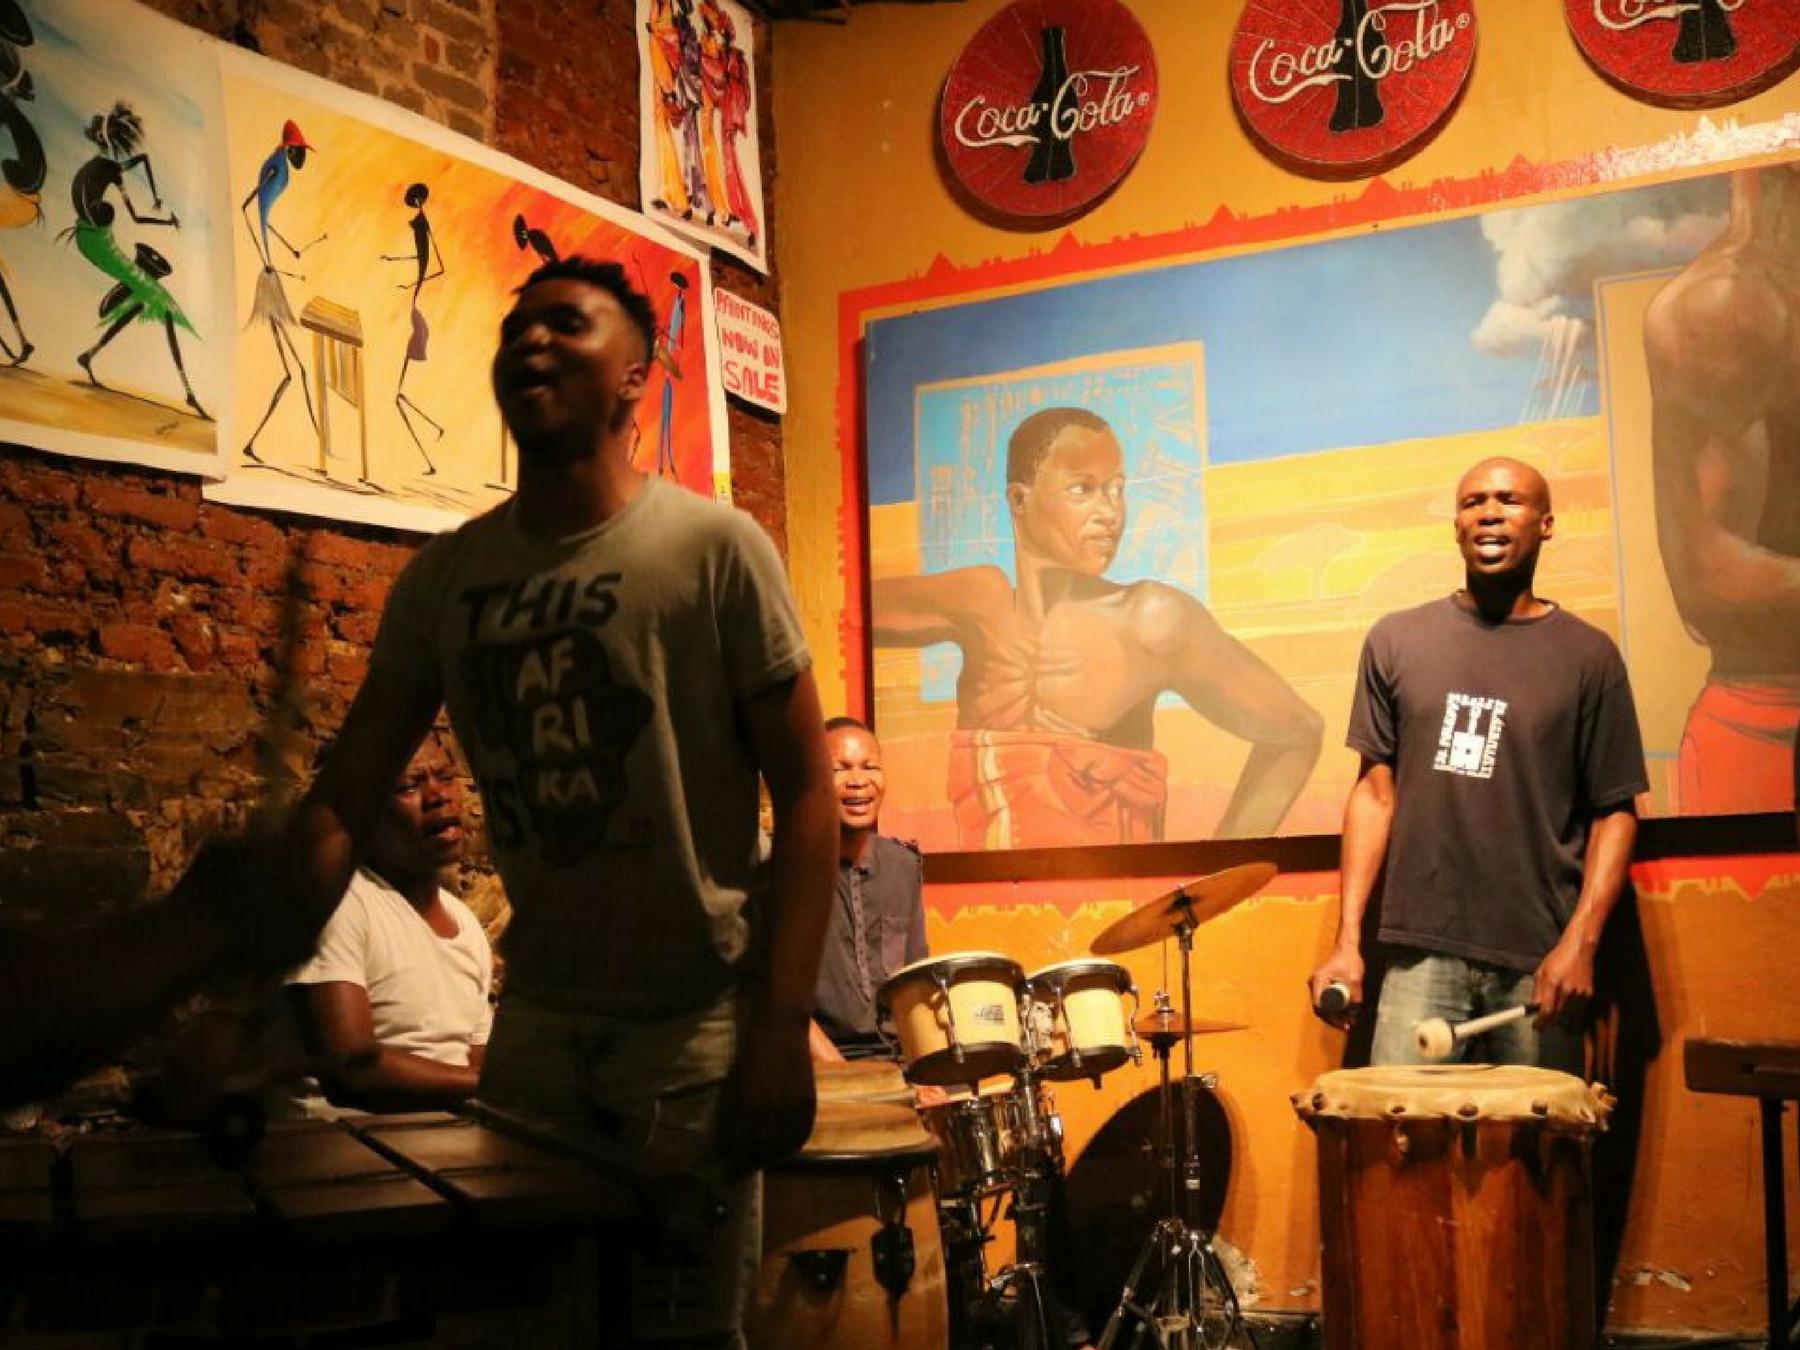 Roteiro-Cidade-do-Cabo-4-a-7-dias-mama-africa-3 Roteiro Cidade do Cabo 4 a 7 dias (Sensacional)!